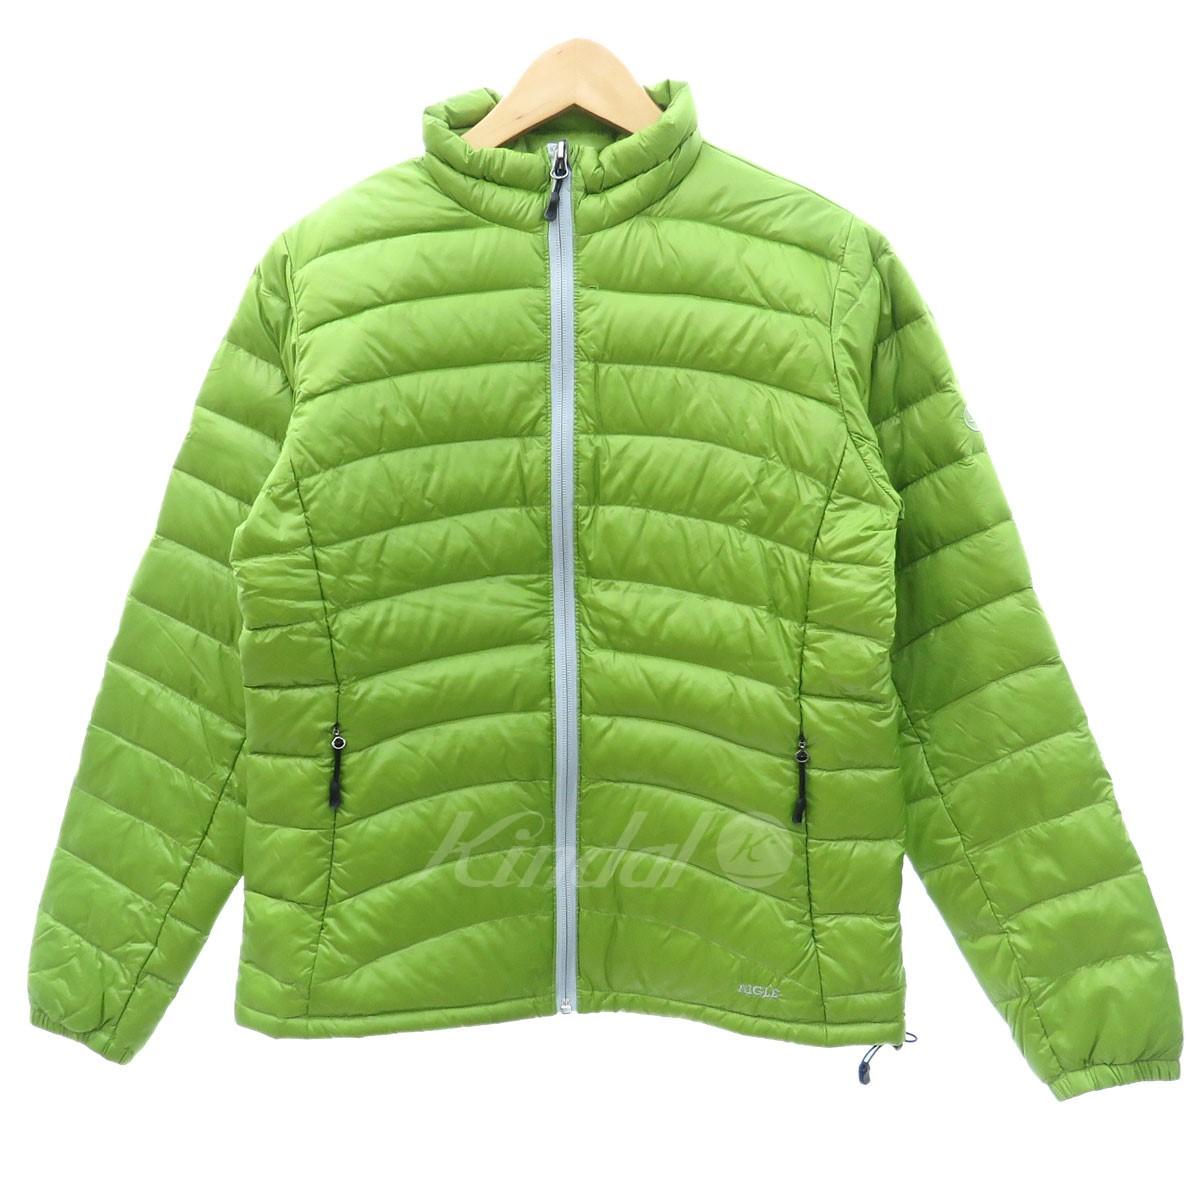 27a0a9109b7 kindal: AIGLE down jacket green size: M (エーグル)   Rakuten Global ...